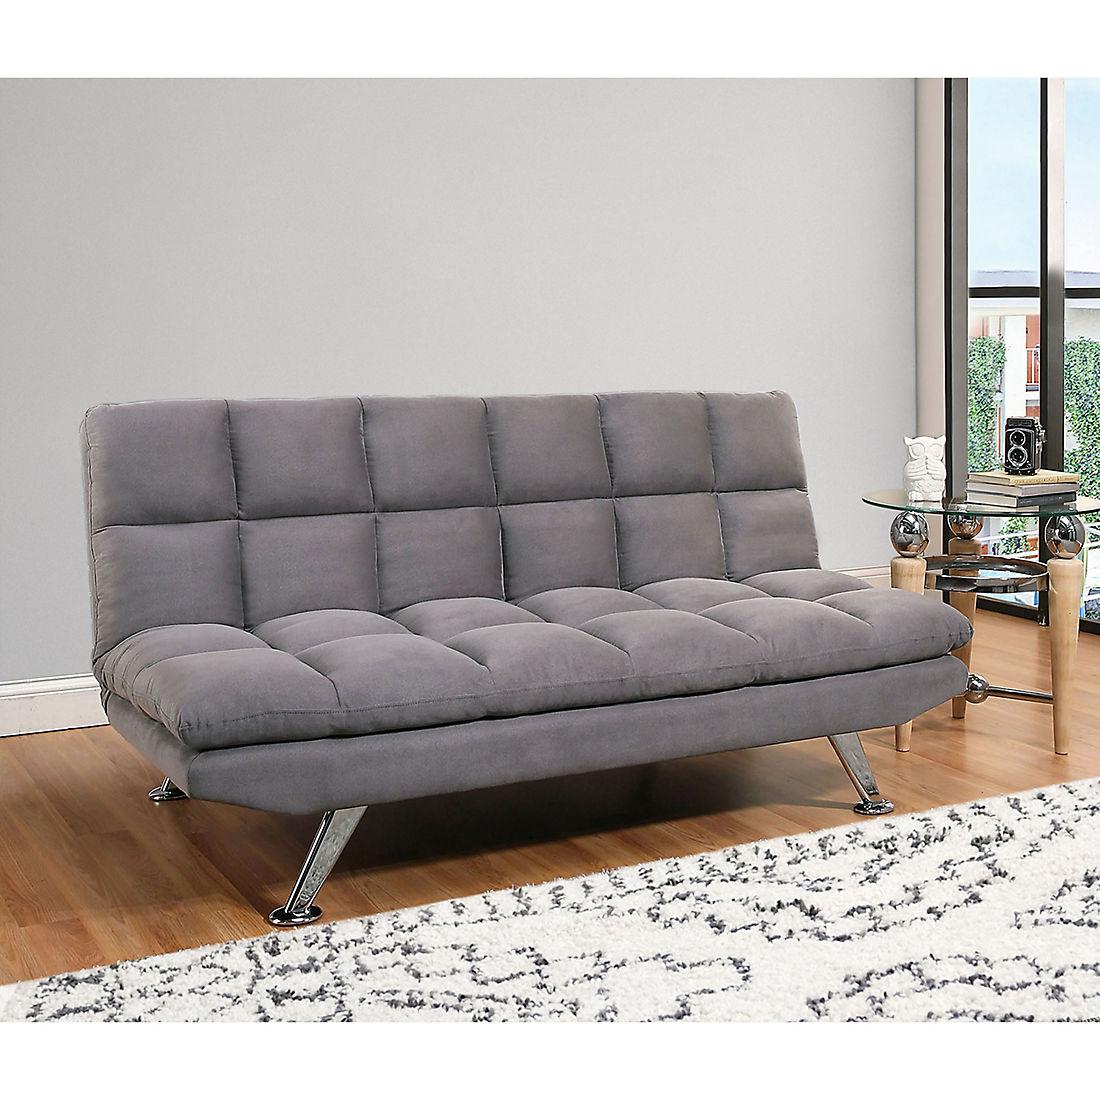 Abbyson Hamilton Fabric Sofa Bed Gray